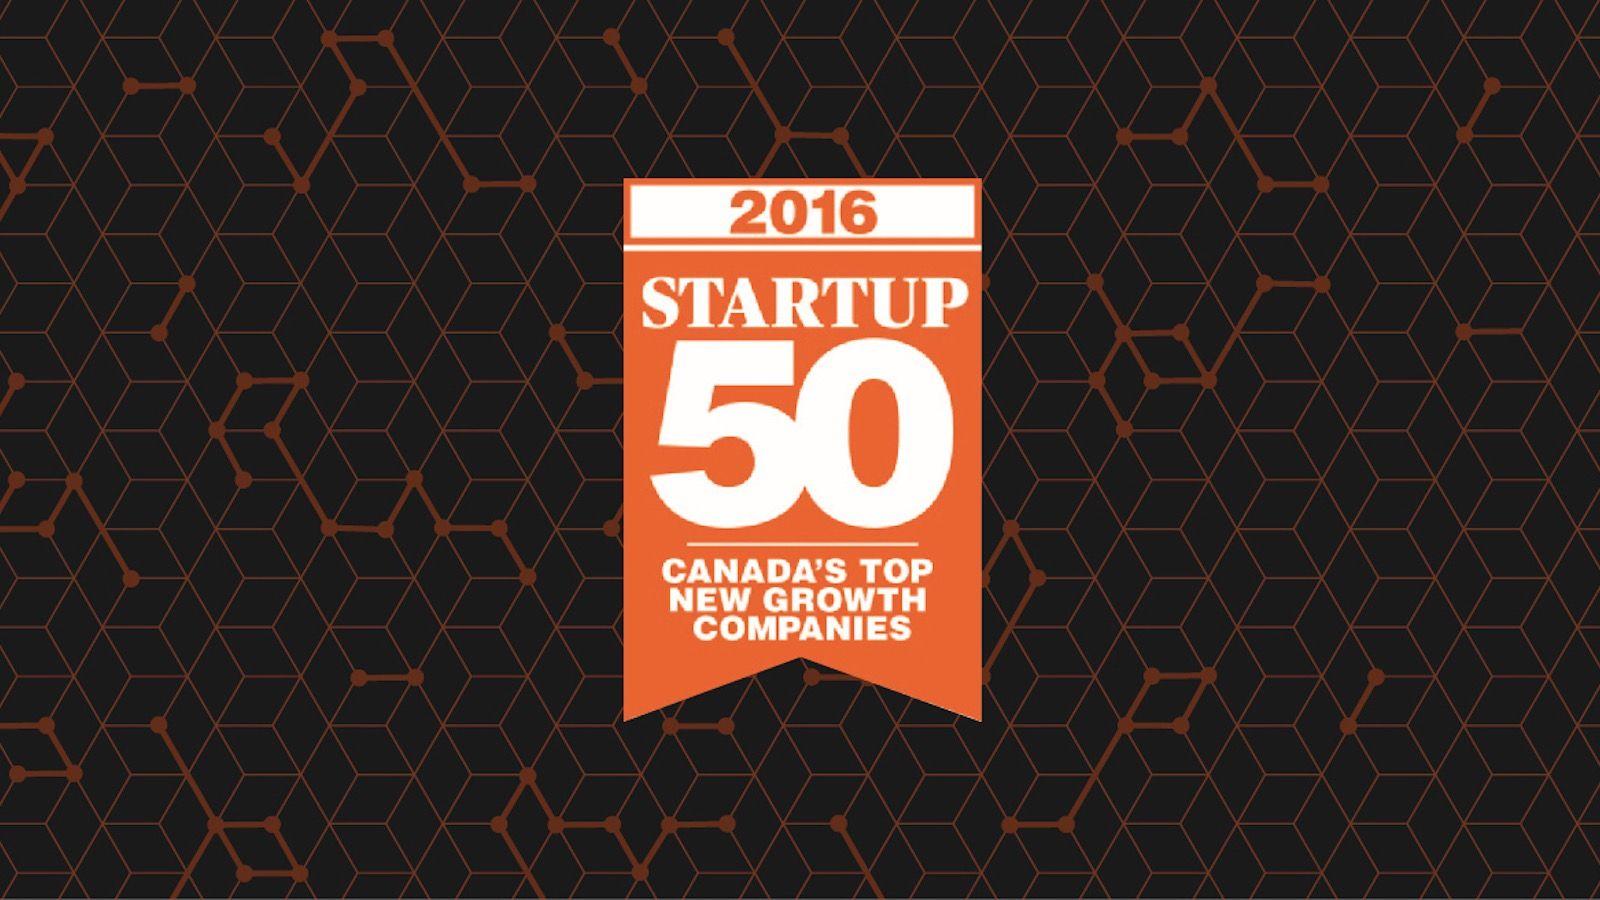 Startup 50 award mobileLIVE